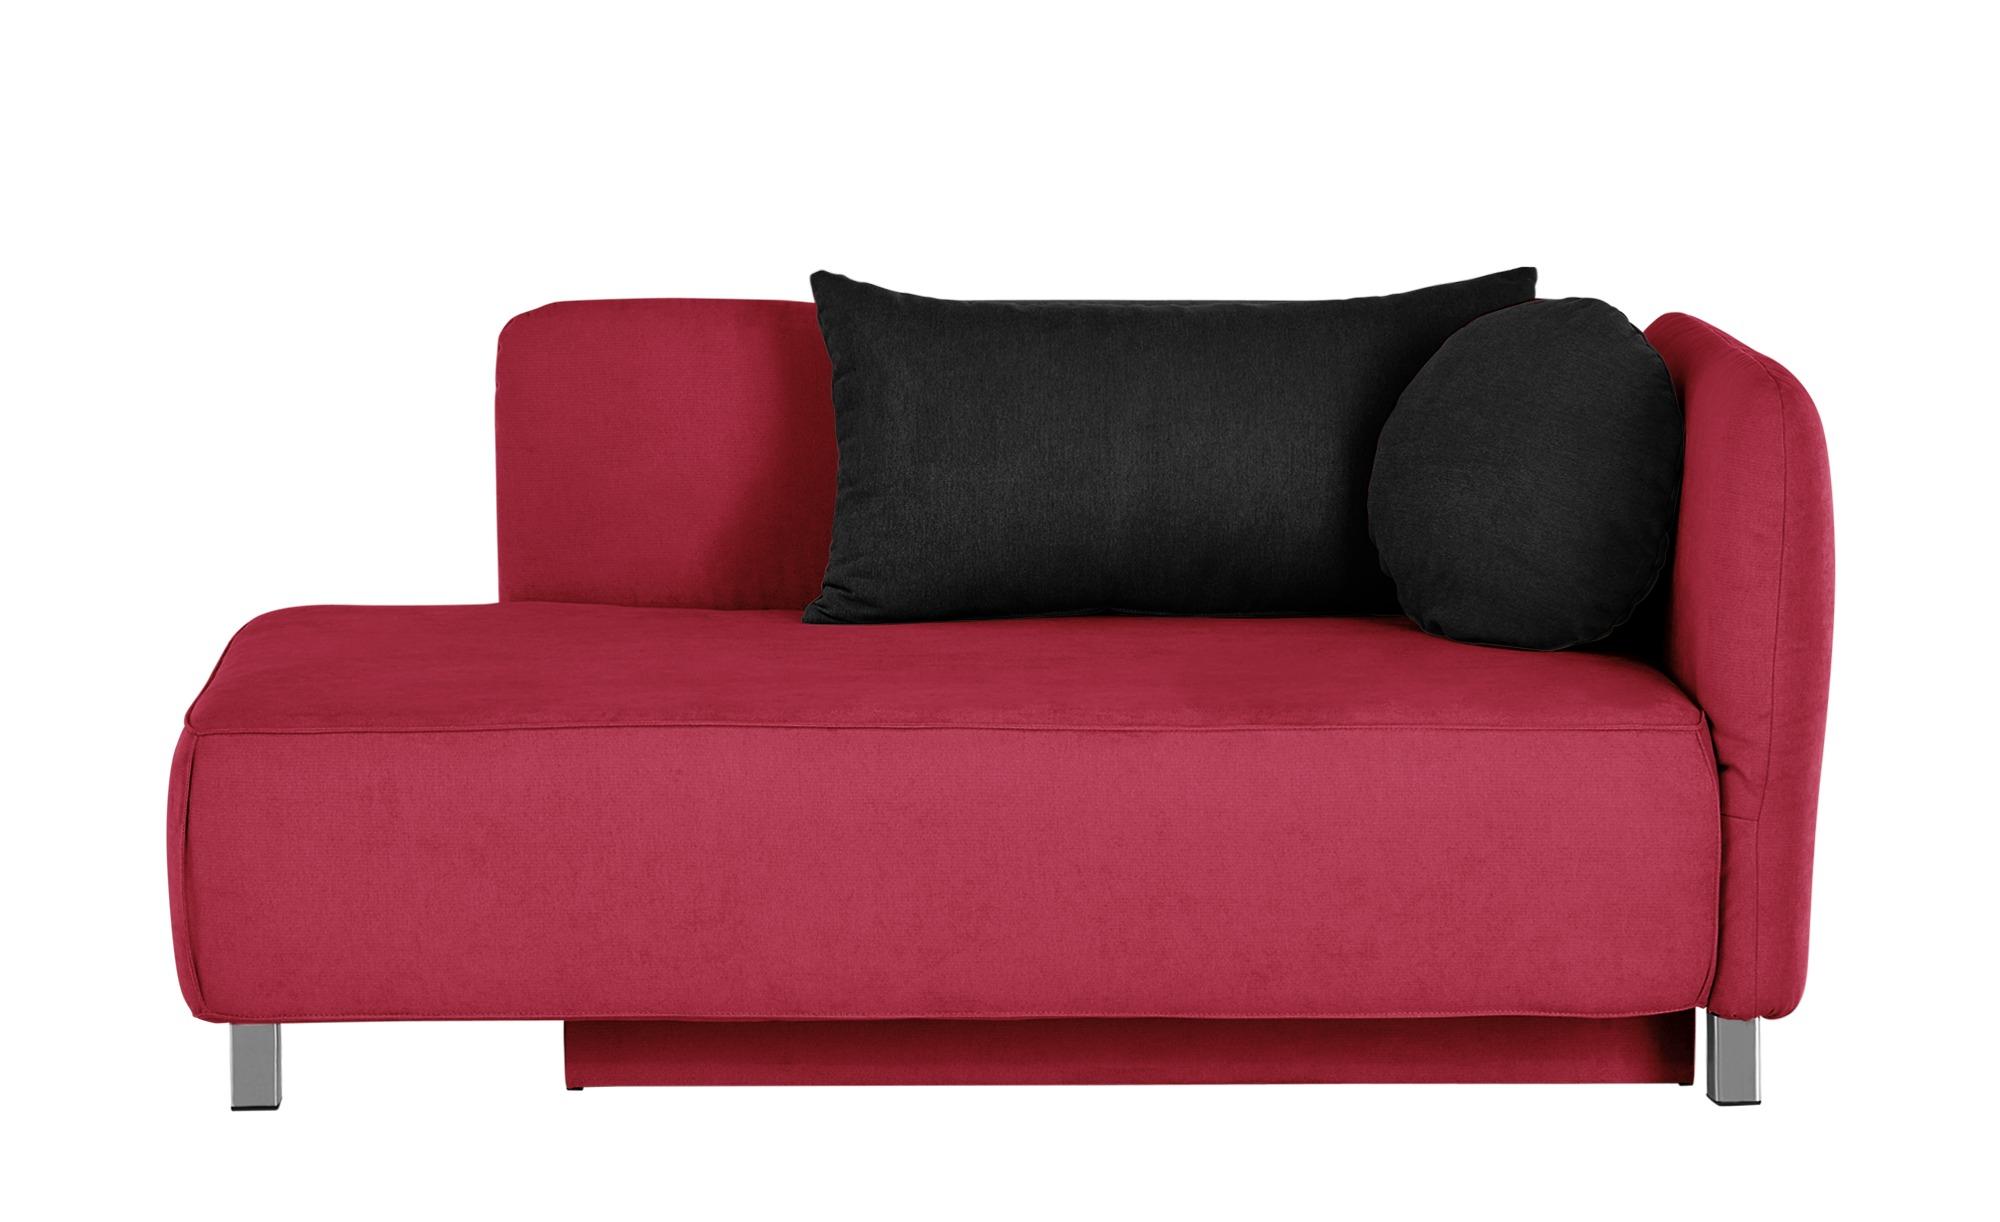 Schlafsofa  Peppa ¦ rot ¦ Maße (cm): B: 170 H: 83 T: 90 Polstermöbel > Sofas > Einzelsofas - Höffner